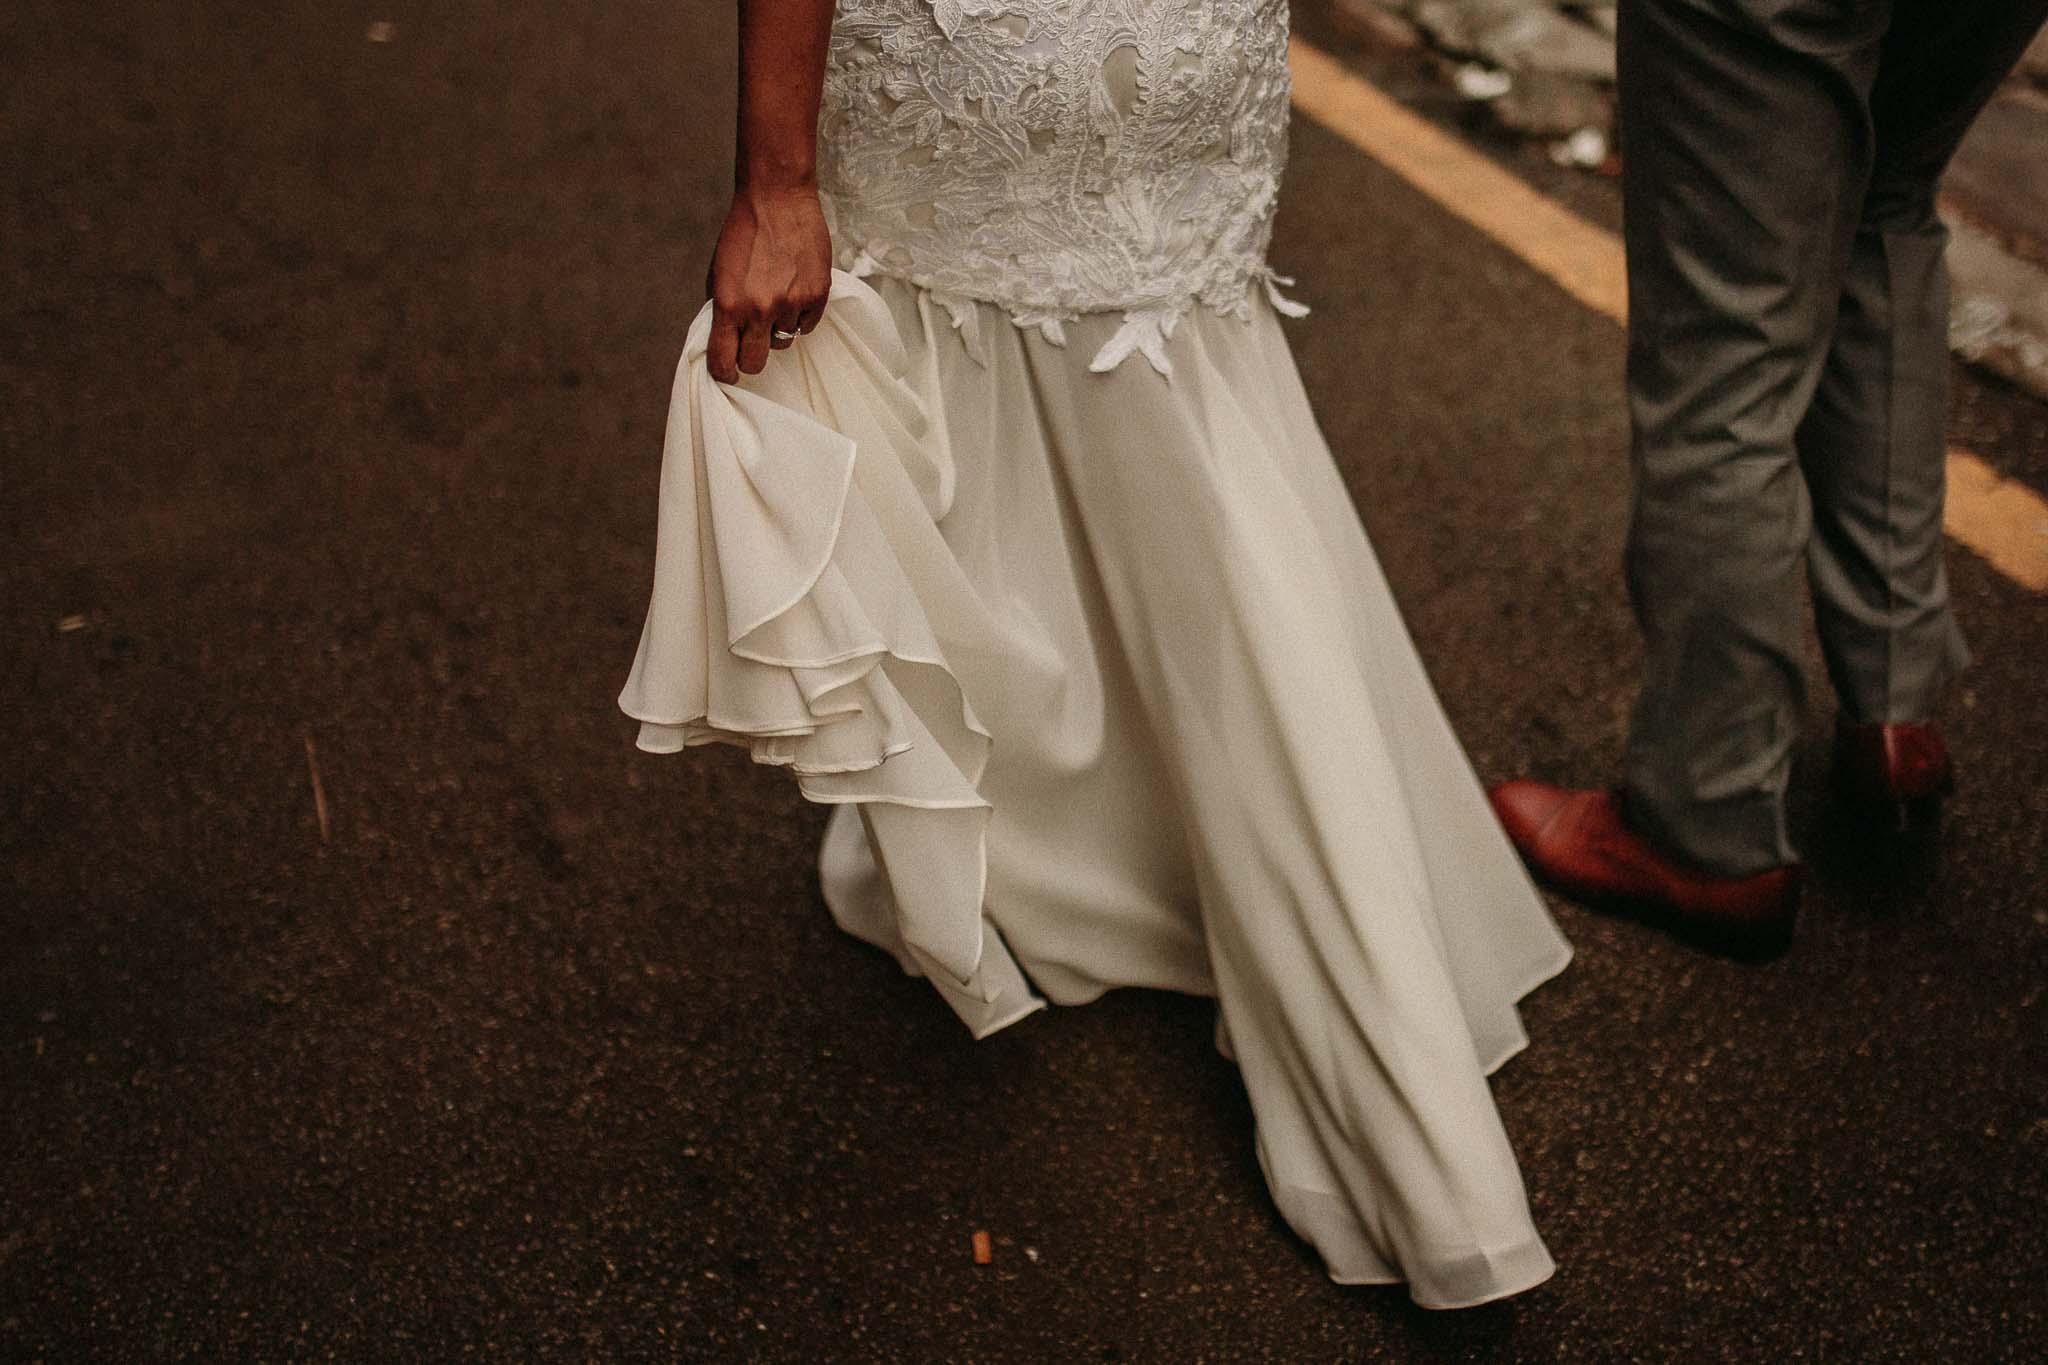 u&m-weddingsbyqay-lovesession-destinationweddingphotographer (61 of 160).jpg